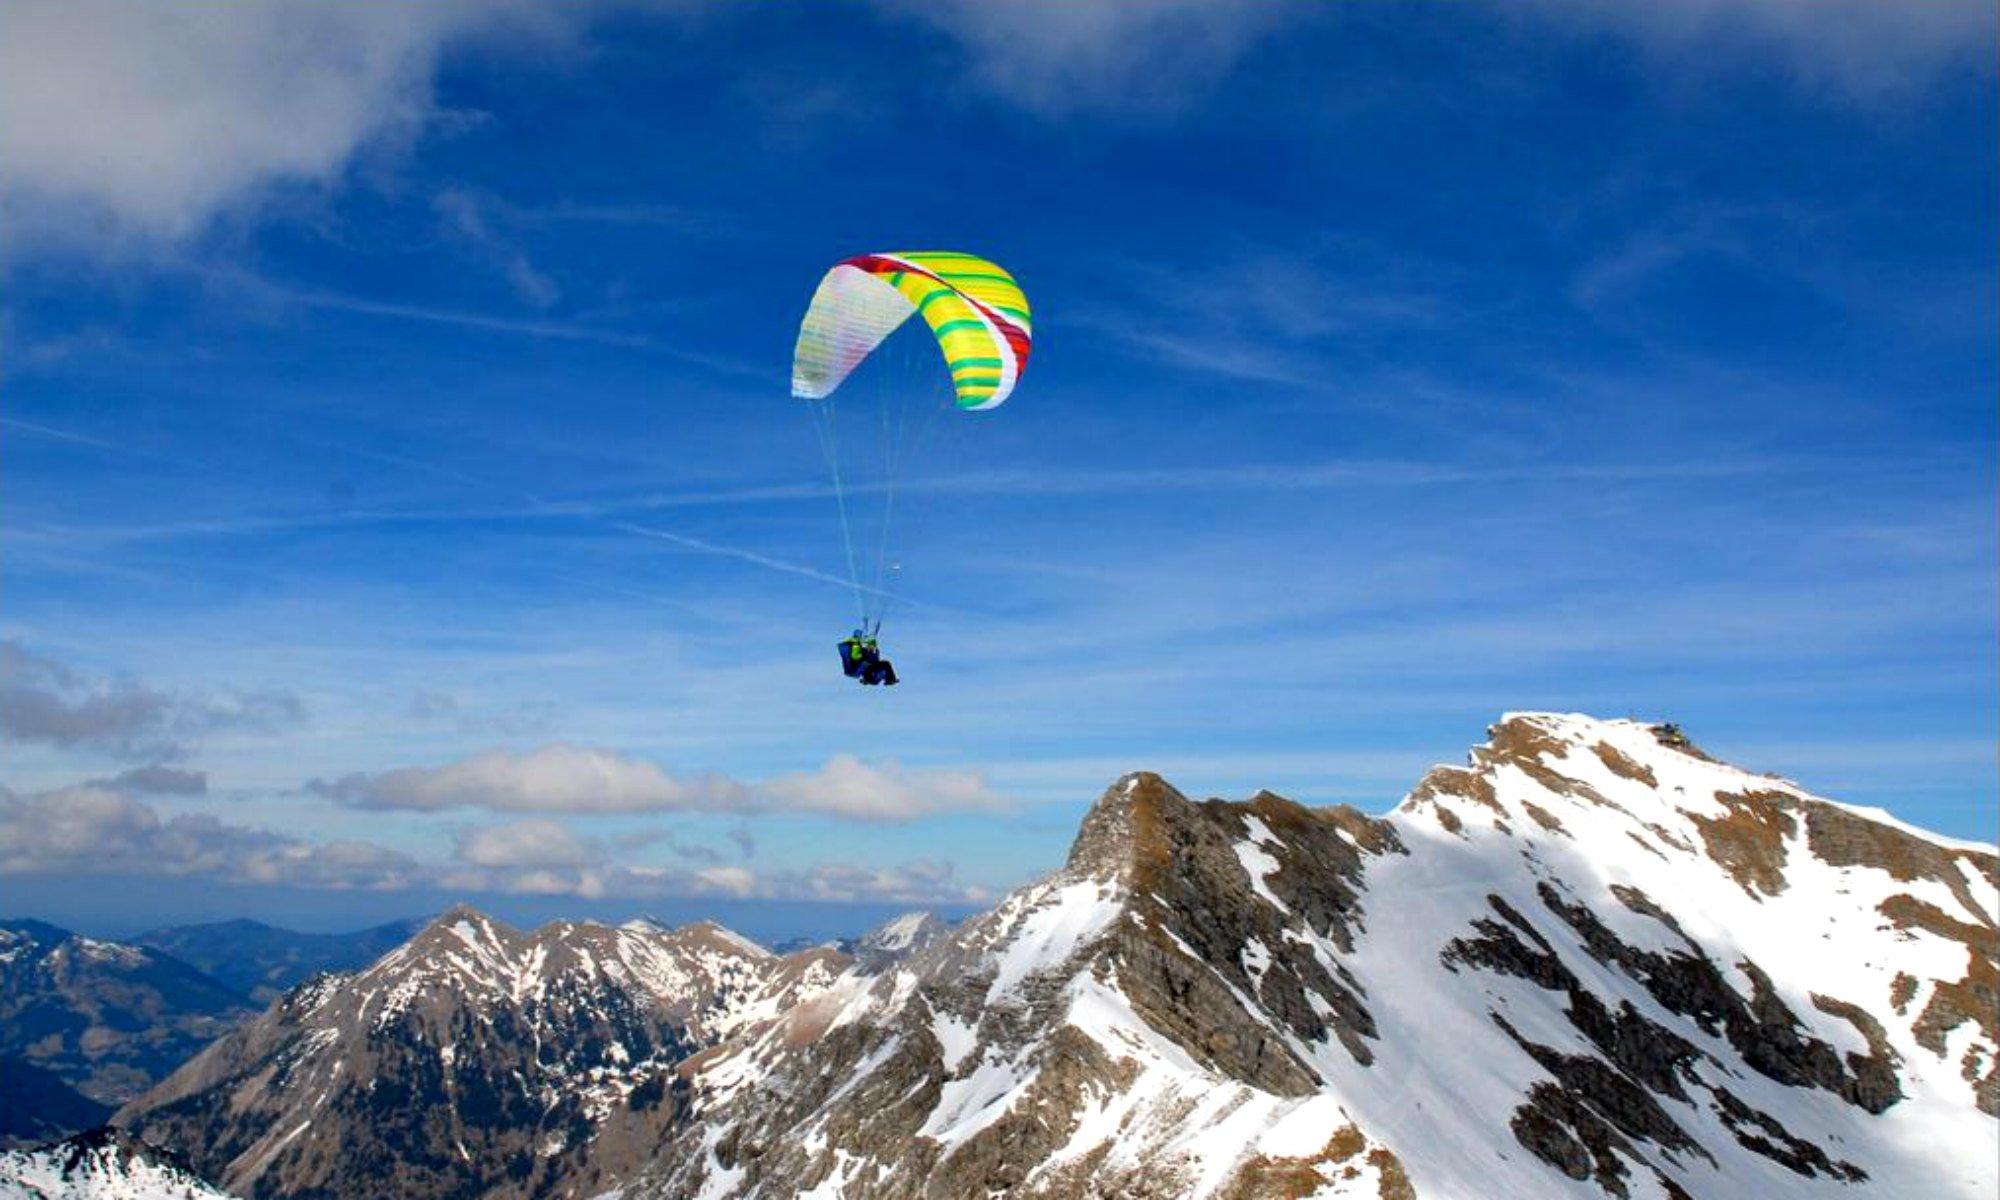 Ein Gleitschirmflug über den Oberstdorfer Bergen in Bayern.